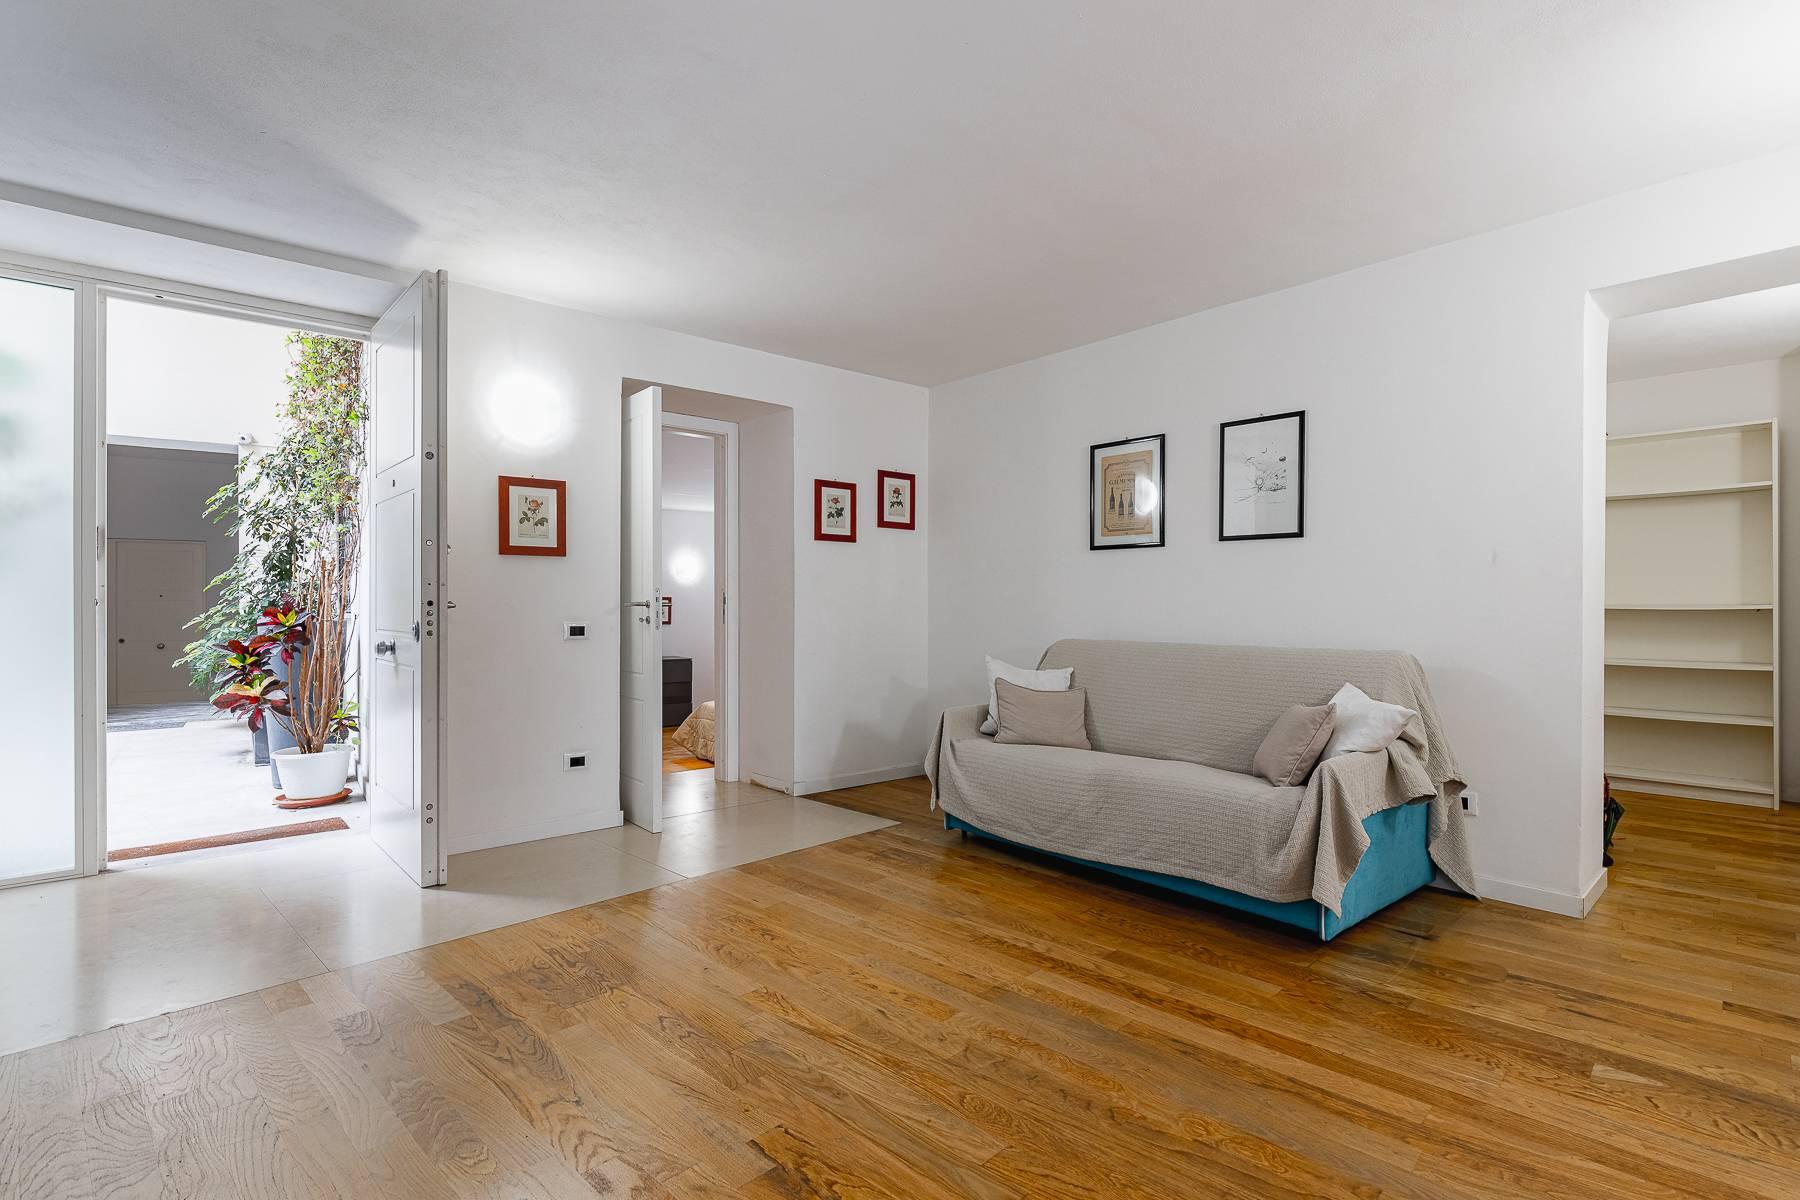 Appartamento in Vendita a Palermo: 4 locali, 154 mq - Foto 7